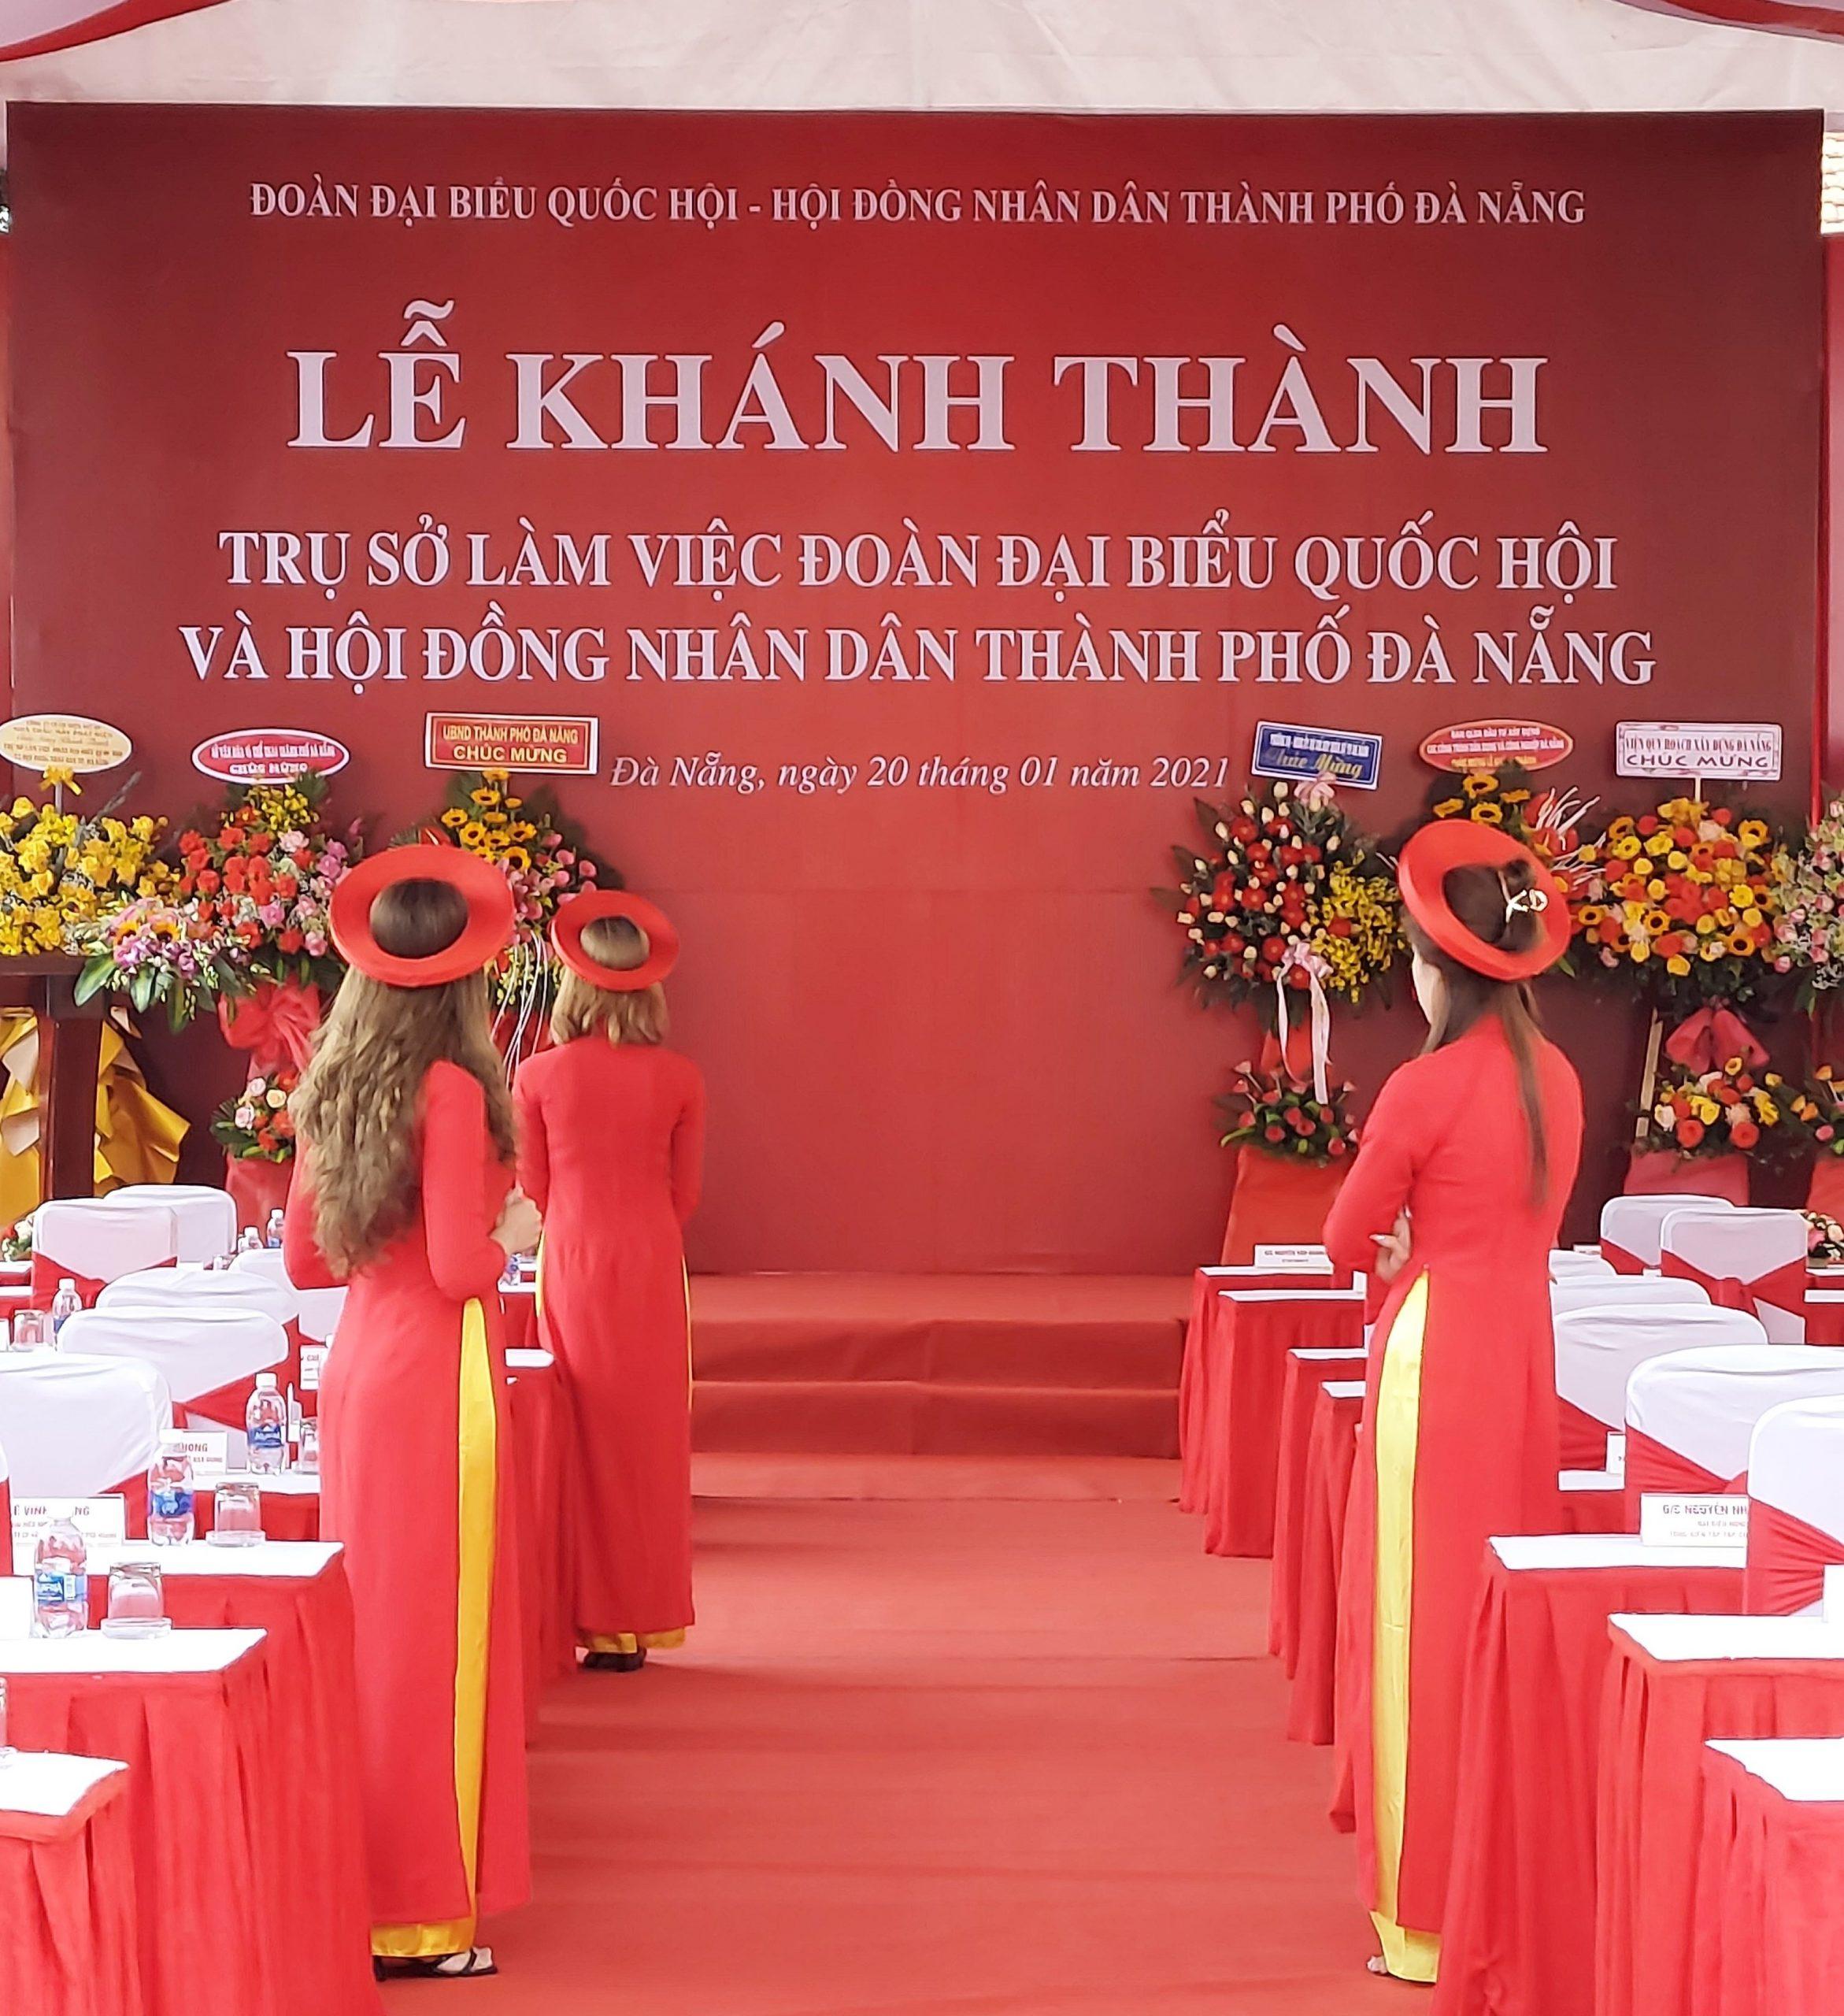 Khánh thành Trụ sở làm việc Đoàn Đại biểu Quốc hội và Hội đồng nhân dân thành phố Đà Nẵng